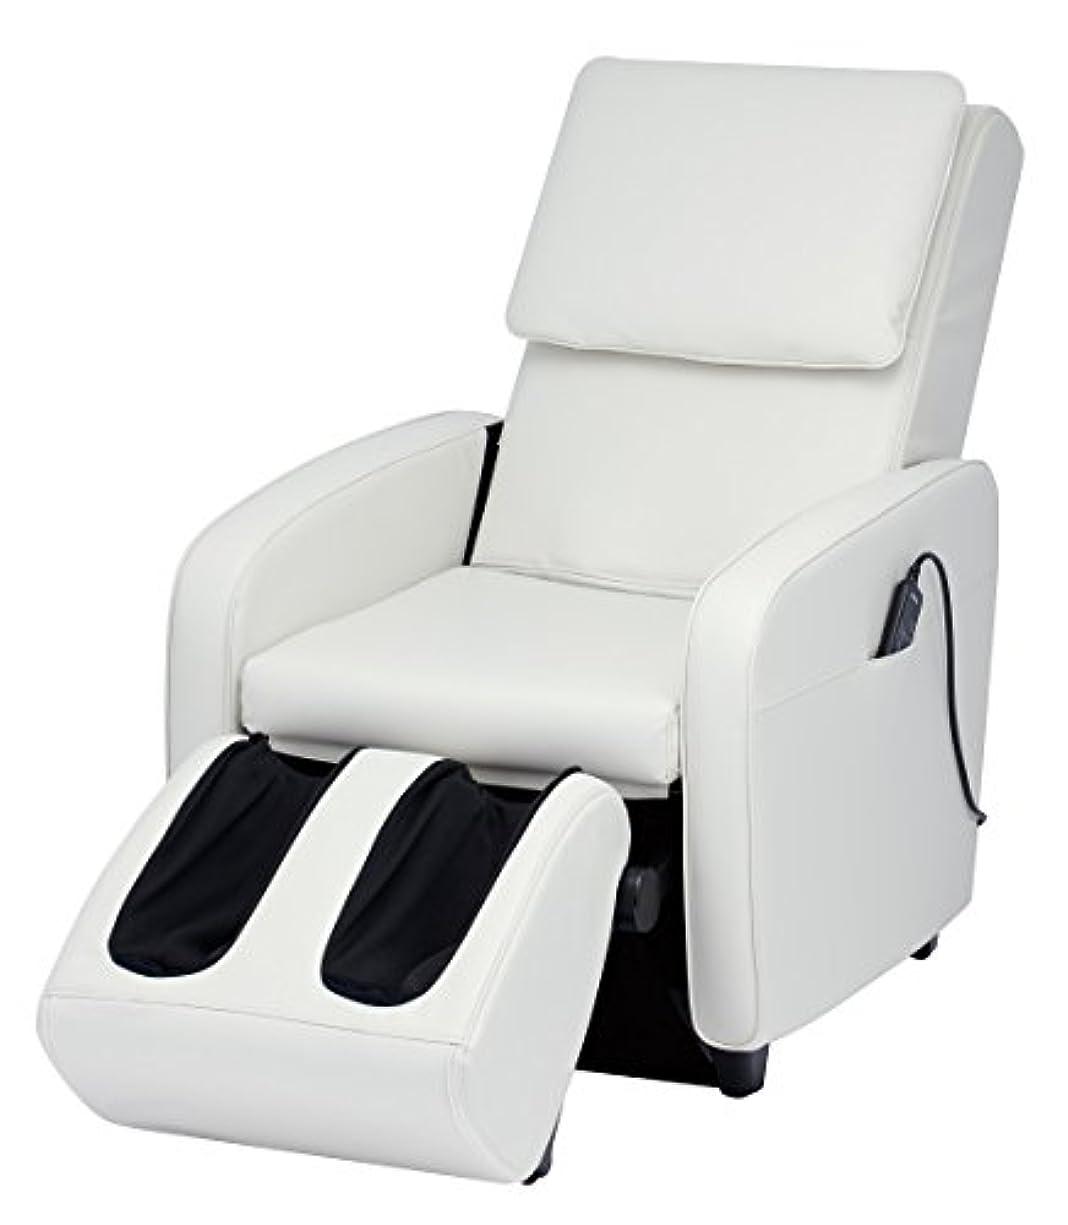 賭けオーラル値スライヴ マッサージチェア エスフィット CHD-7401W ホワイト 正規品 ソファスタイル おしゃれ